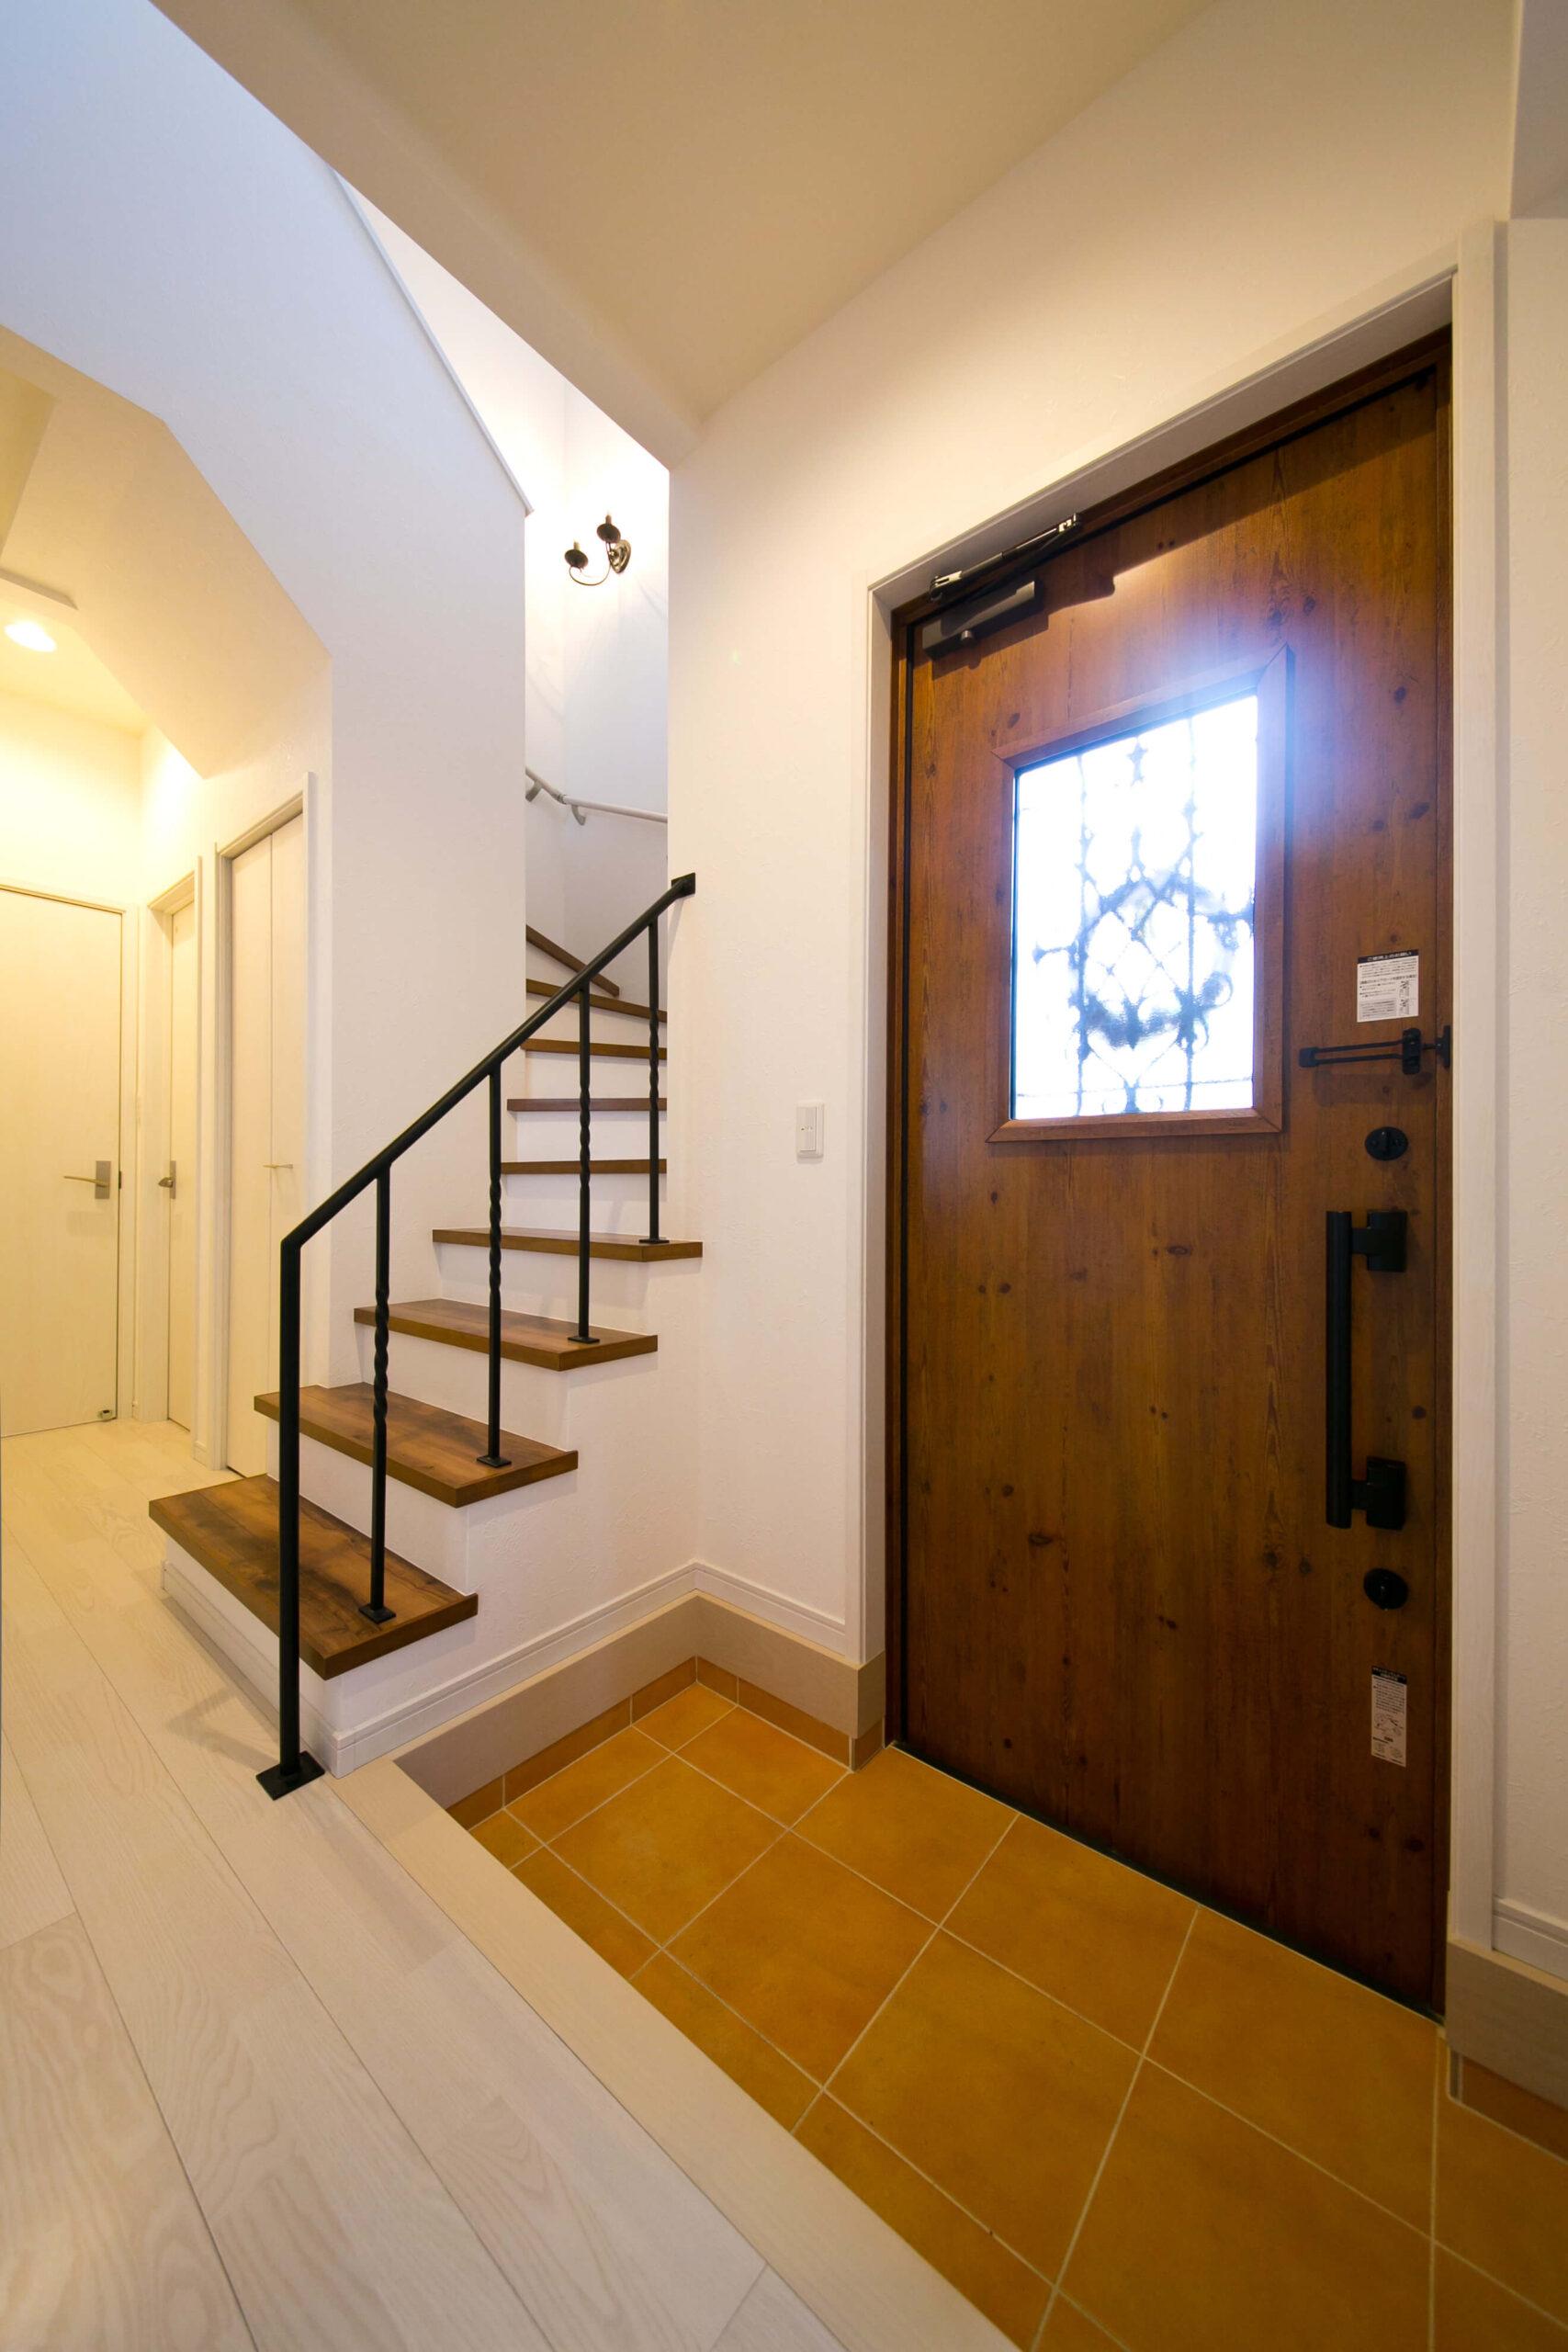 塗り壁のフレンチスタイルのかわいい家の玄関